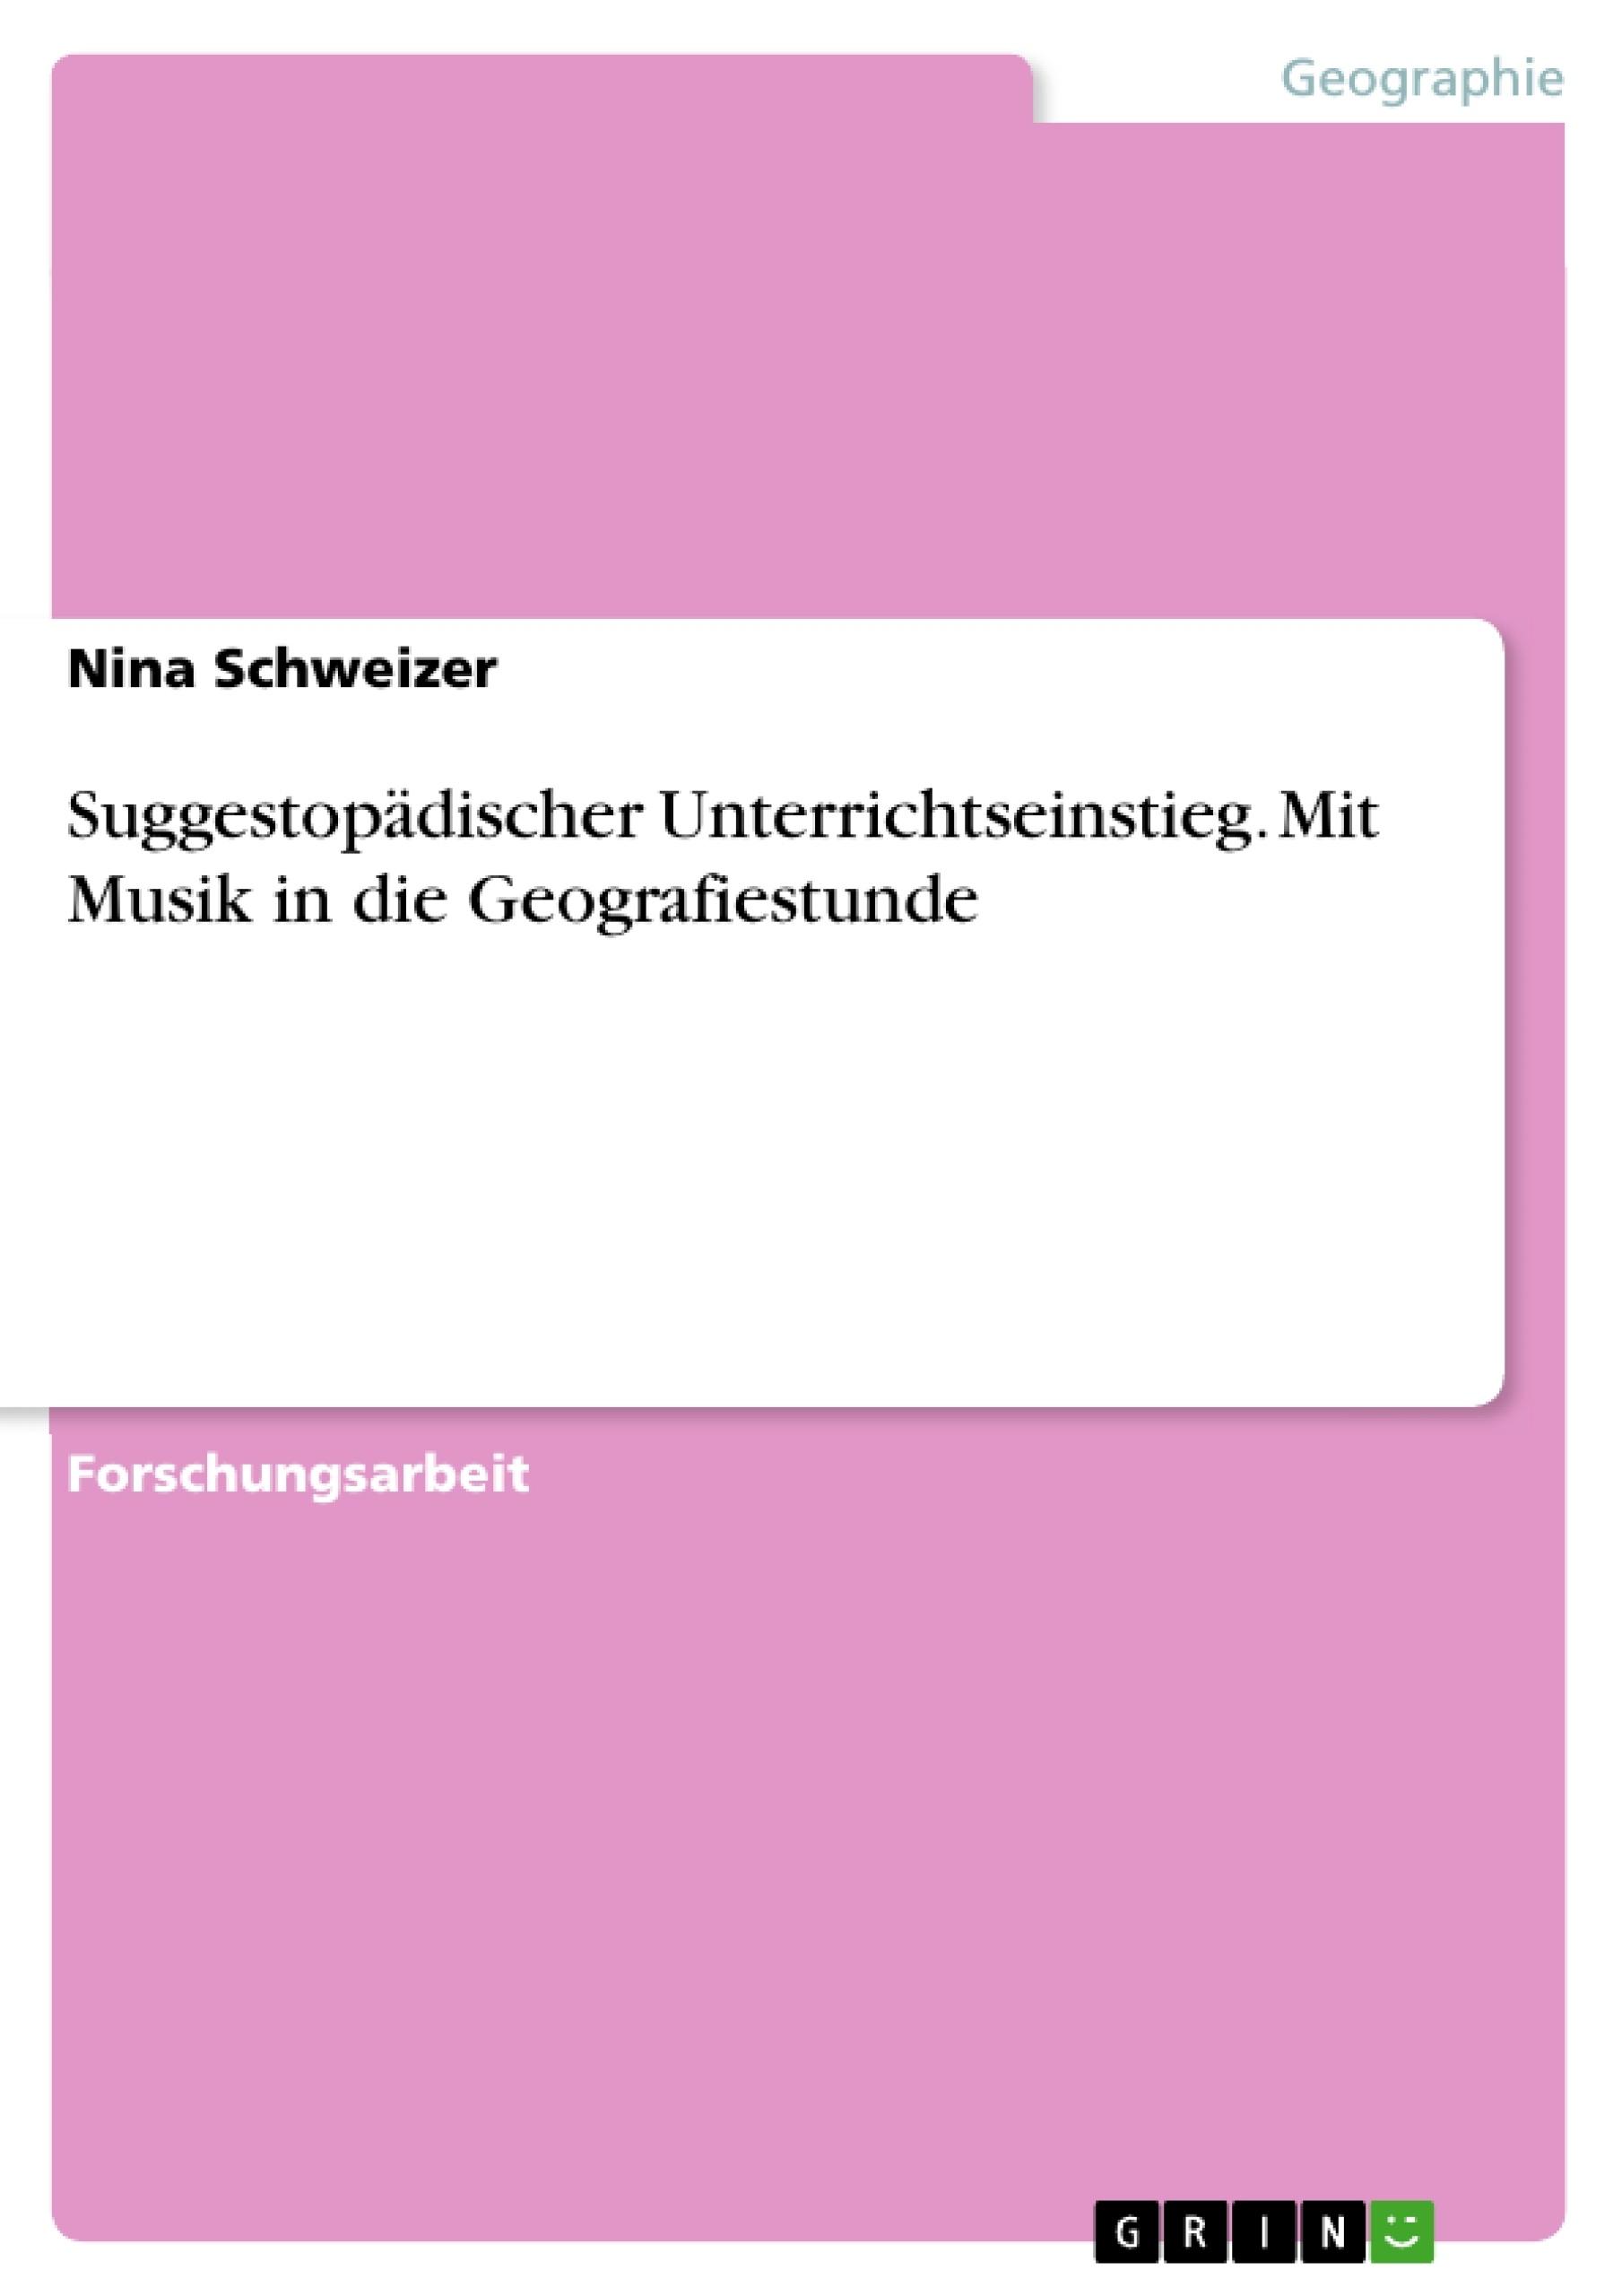 Titel: Suggestopädischer Unterrichtseinstieg. Mit Musik in die Geografiestunde